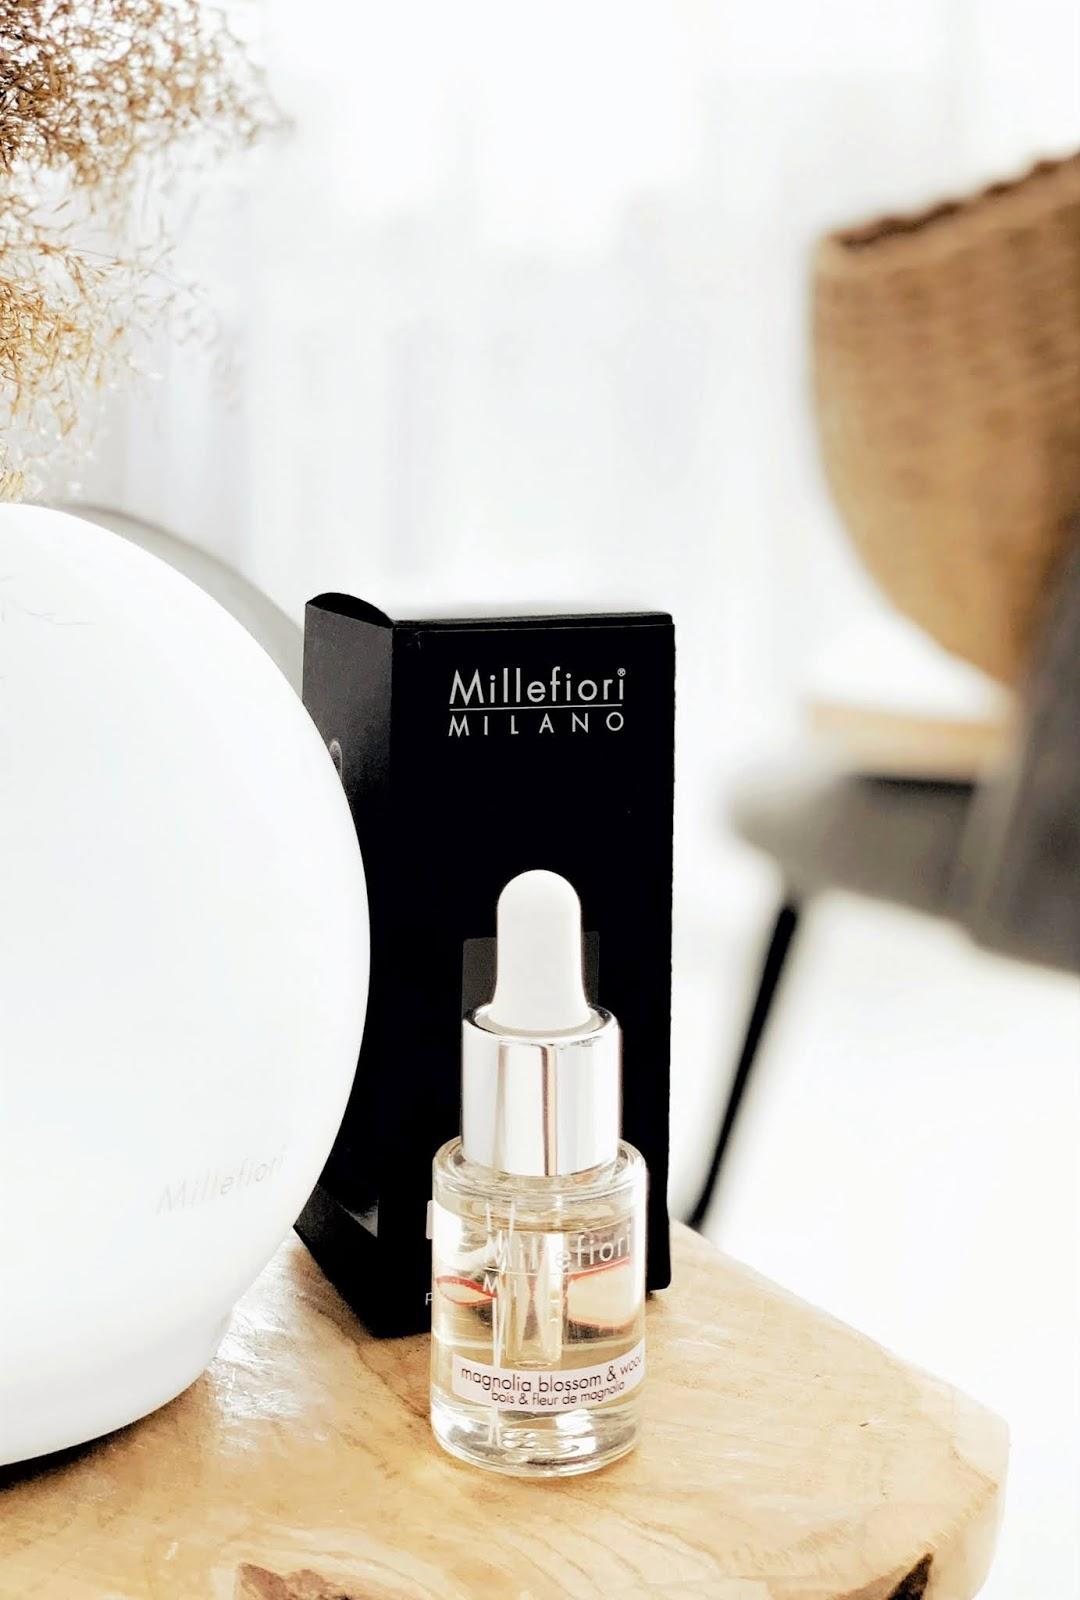 Odswiezacz-ultradzwiekowy-Millefiori-Milano-Glass-Sphere-magnolia-blossom-wood